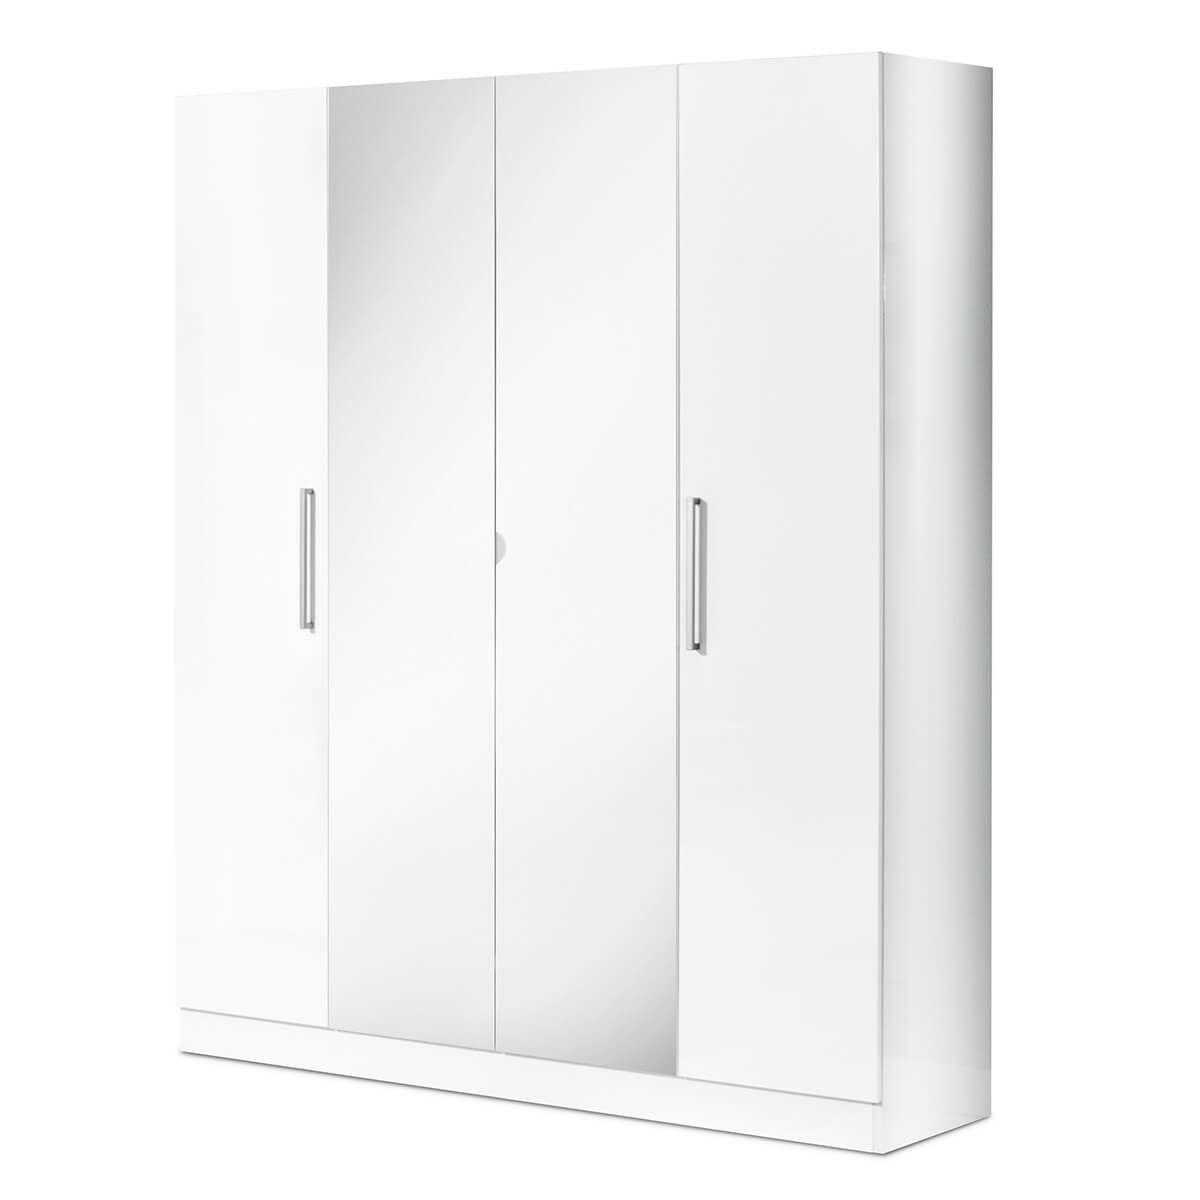 Altobuy VINIA BLANCHE - Armoire 4 Portes avec Miroir Central